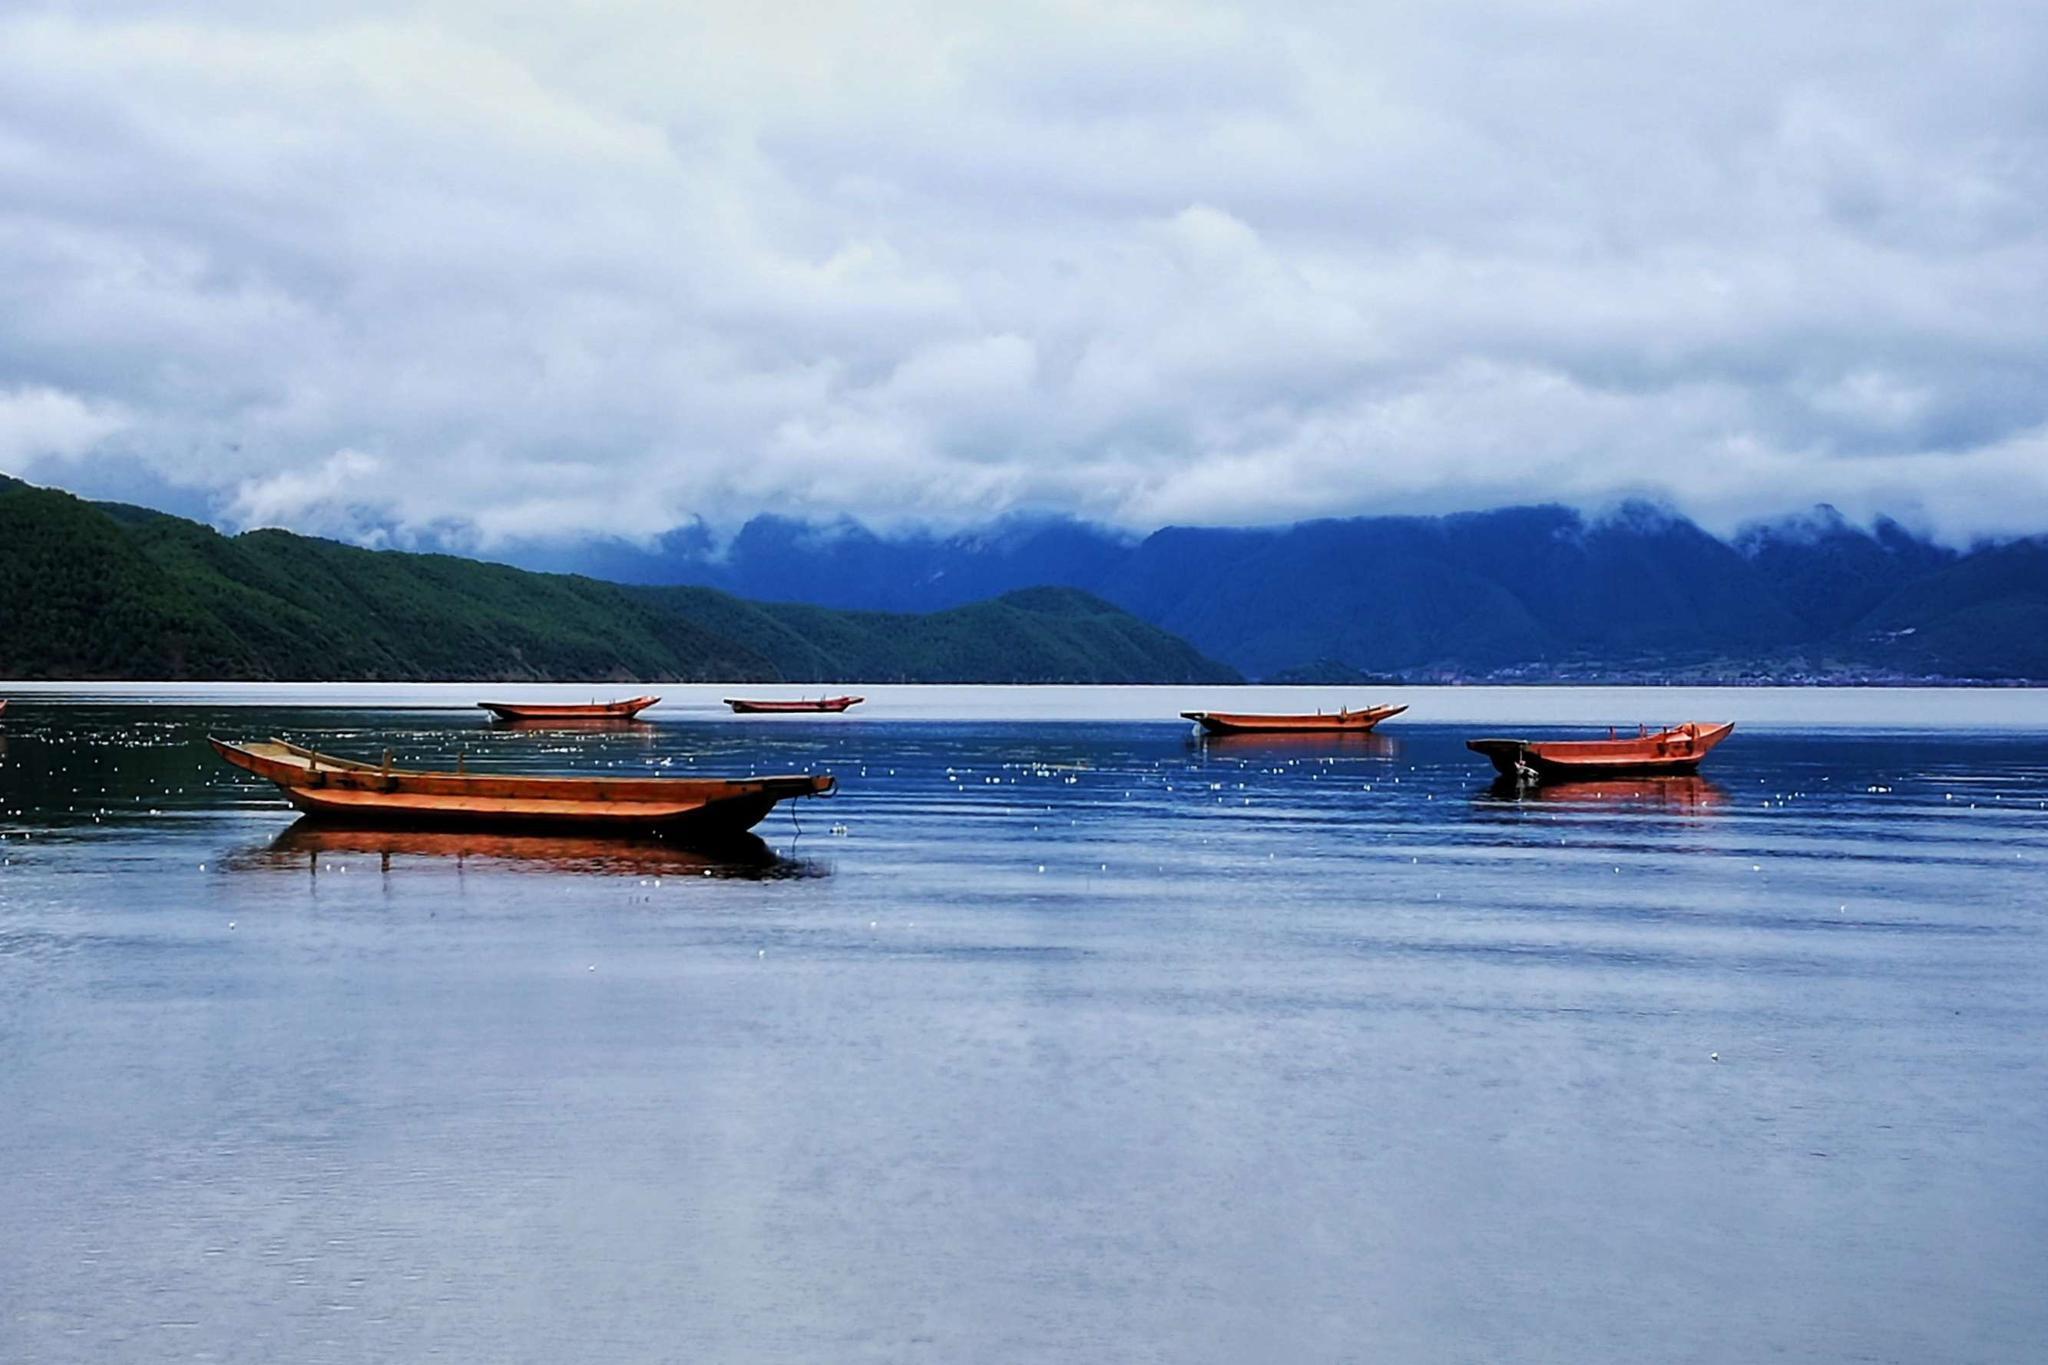 雨季泸沽湖,别有一番意境。